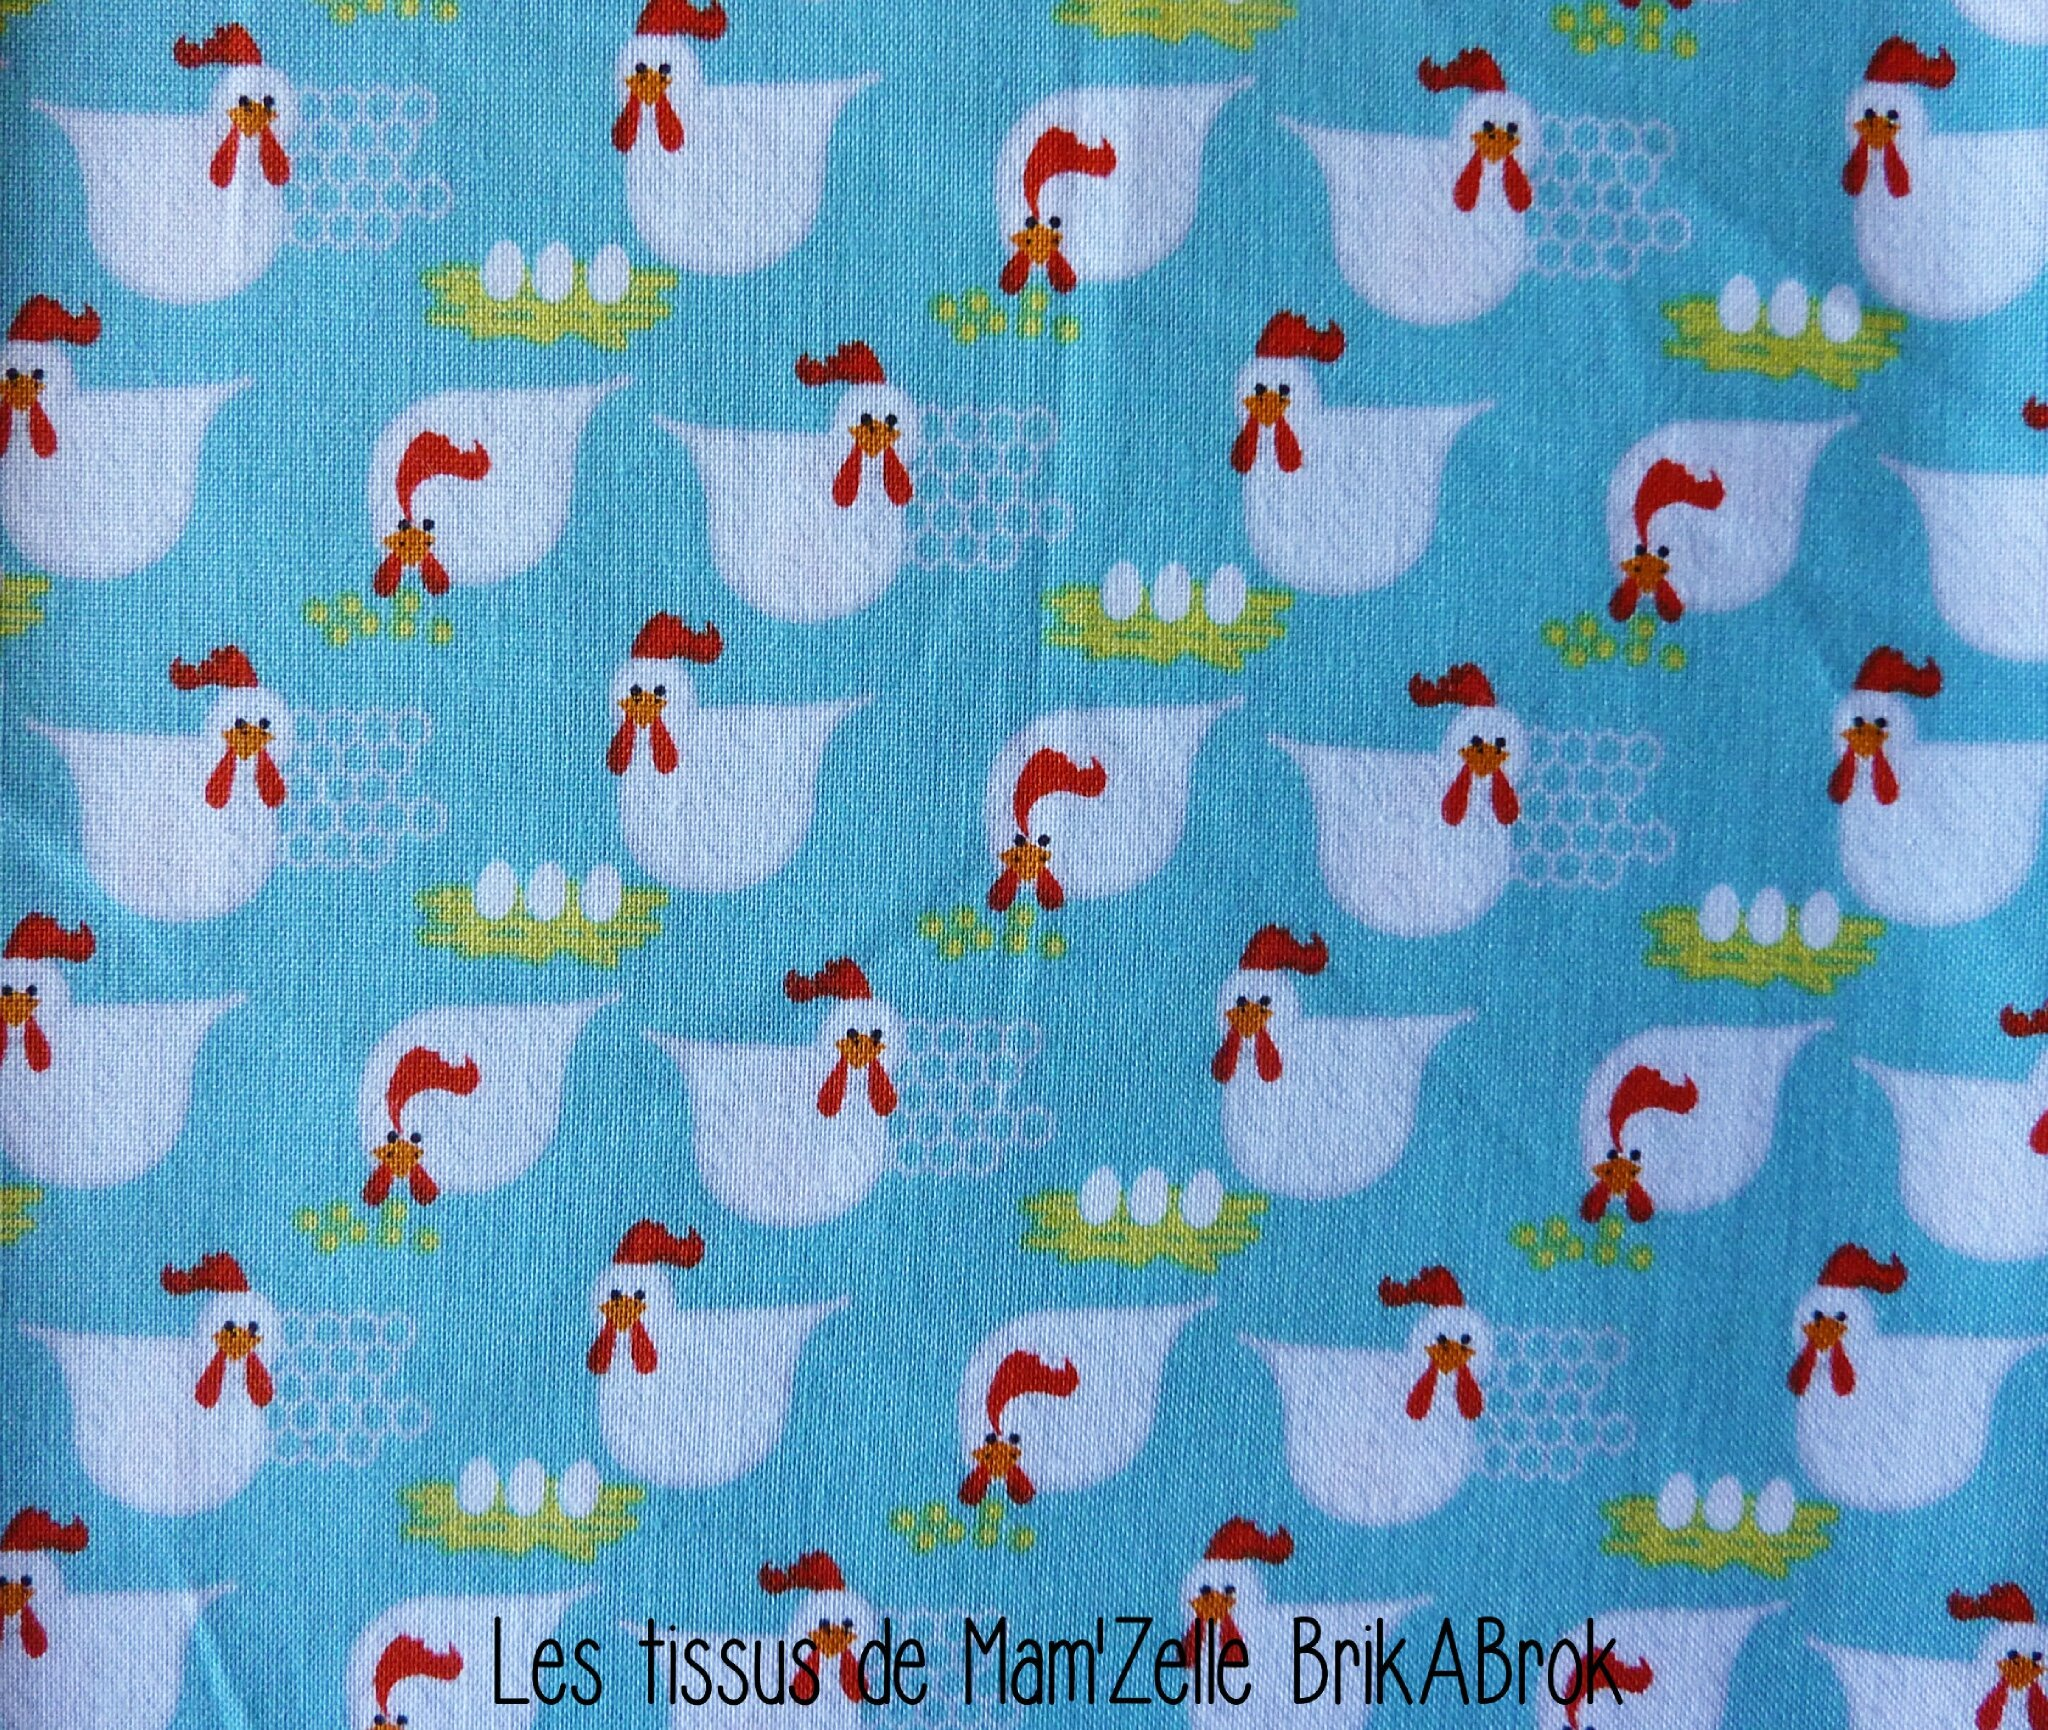 507 - Les petites cocottes